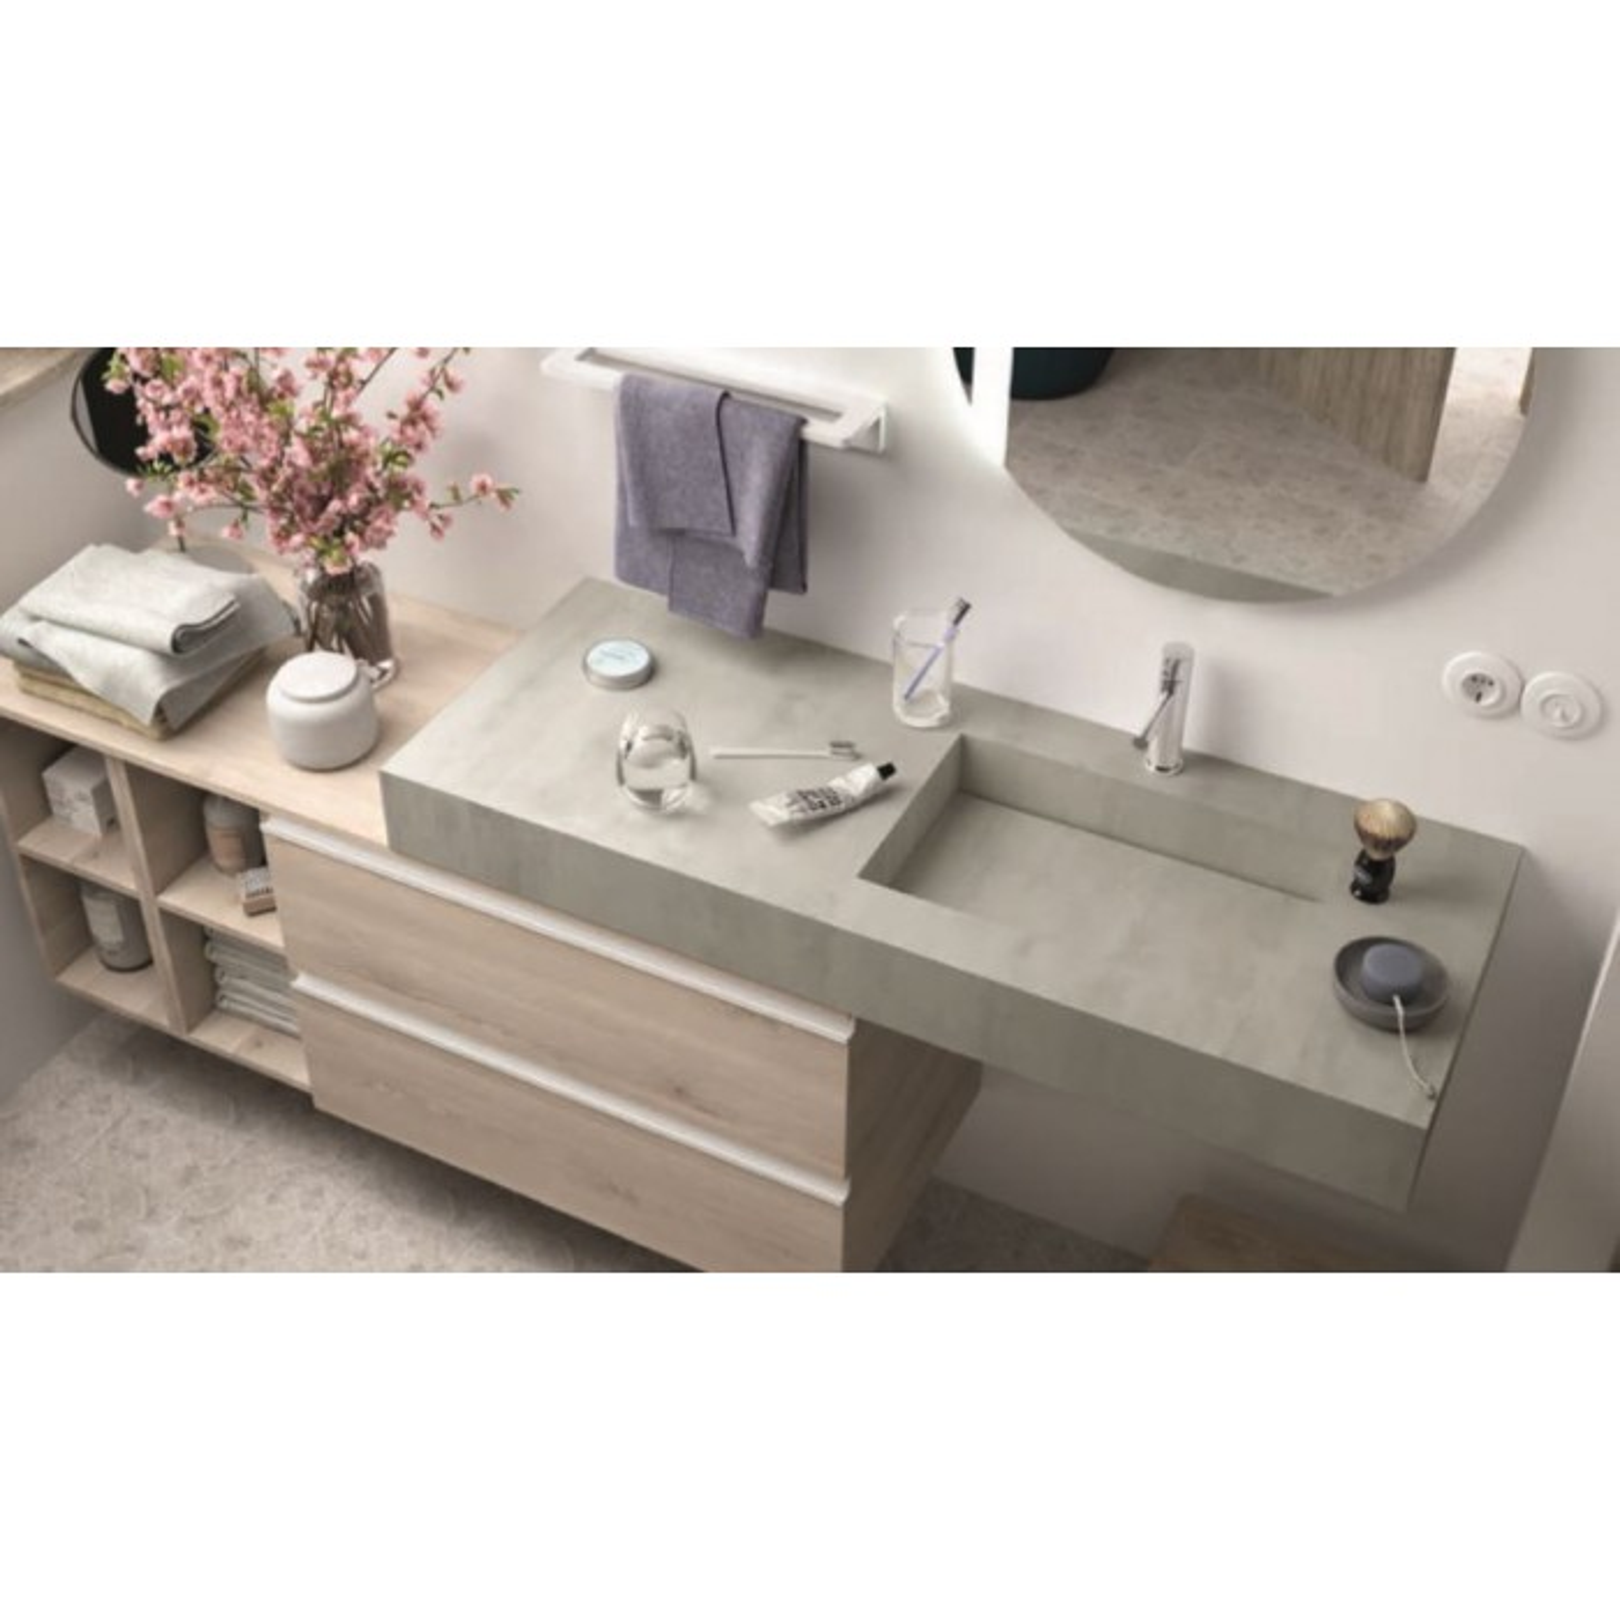 Plan simple vasque intégrée Compakt Ciment, sur mesures 60 à 250cm